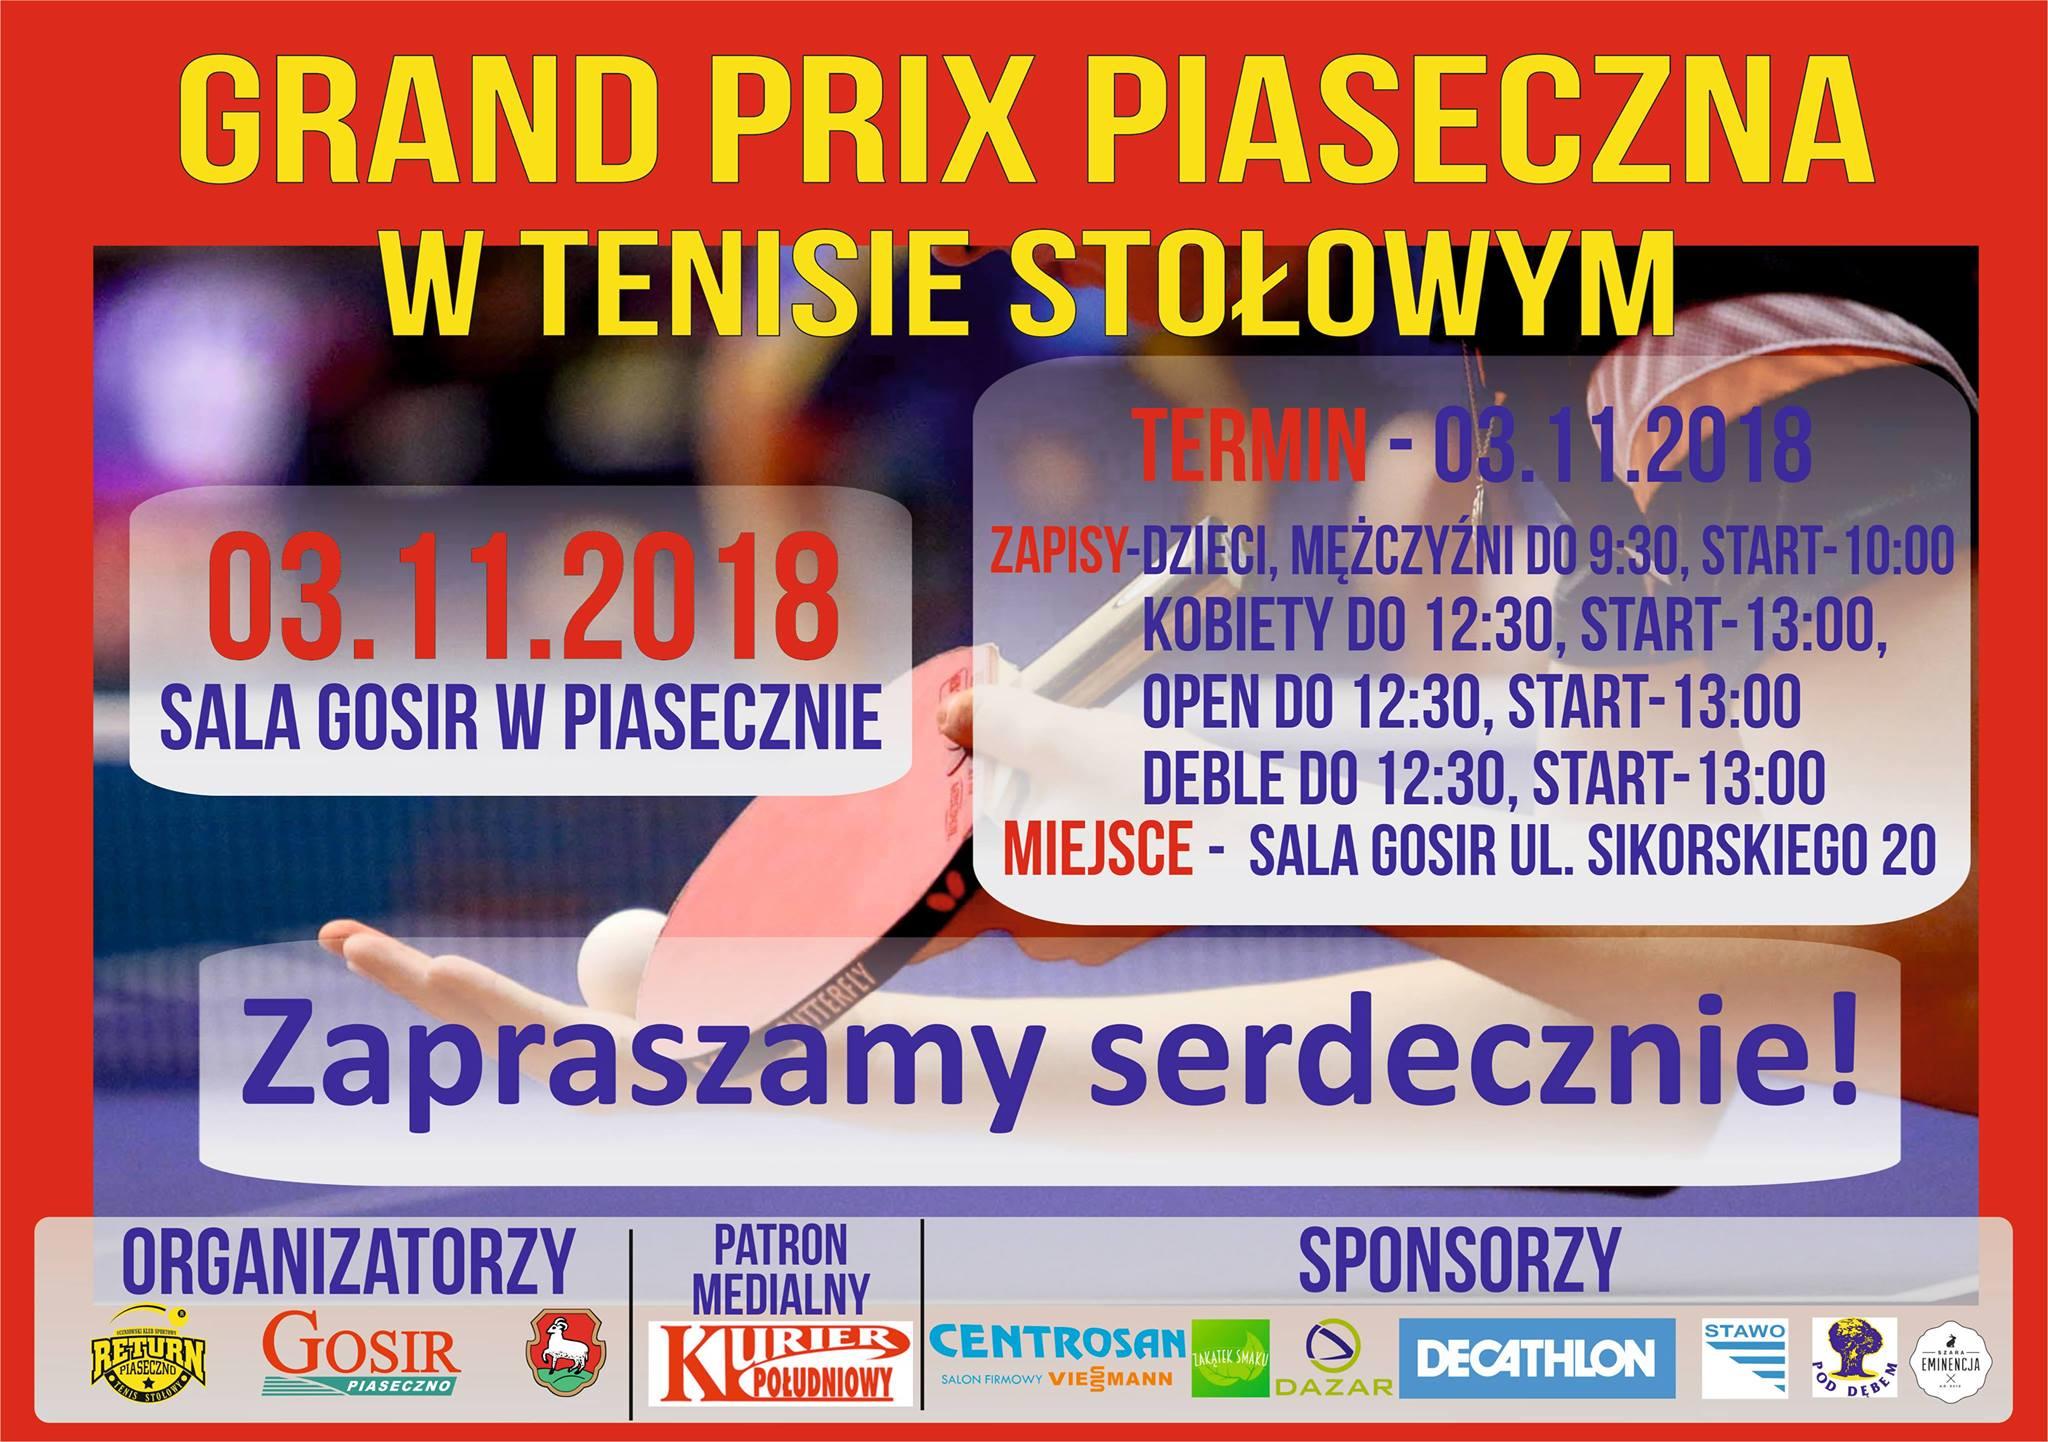 Plakat turnieju III Grand Prix Piaseczna w tenisie stołowym XXI edycji